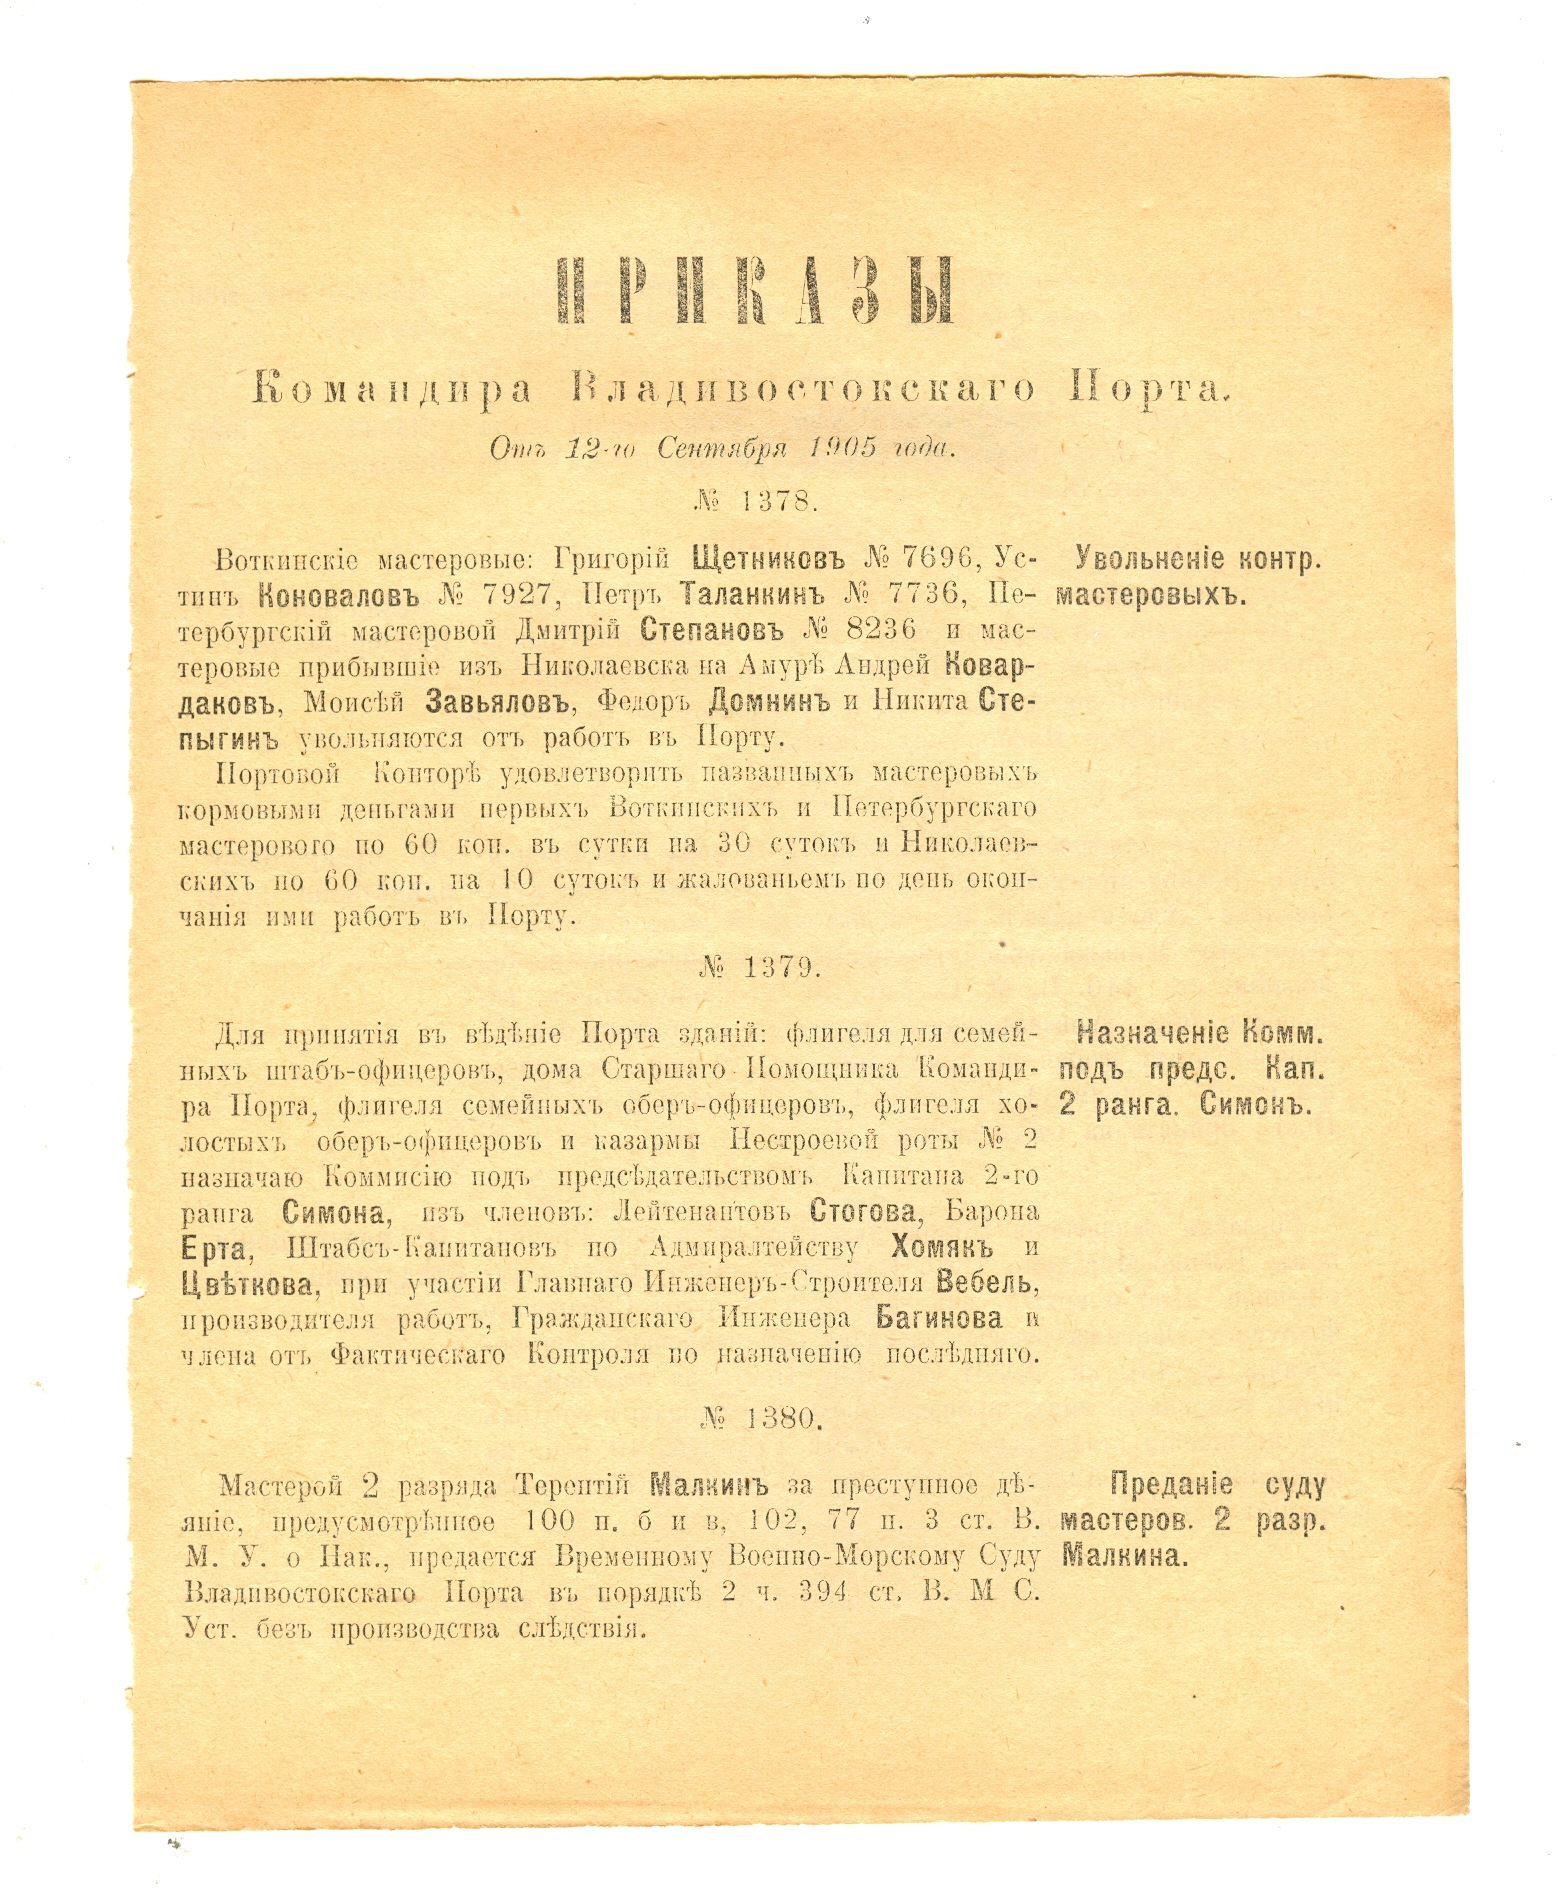 Приказы Командира Владивостокского<br>Порта №№ 1378—1380